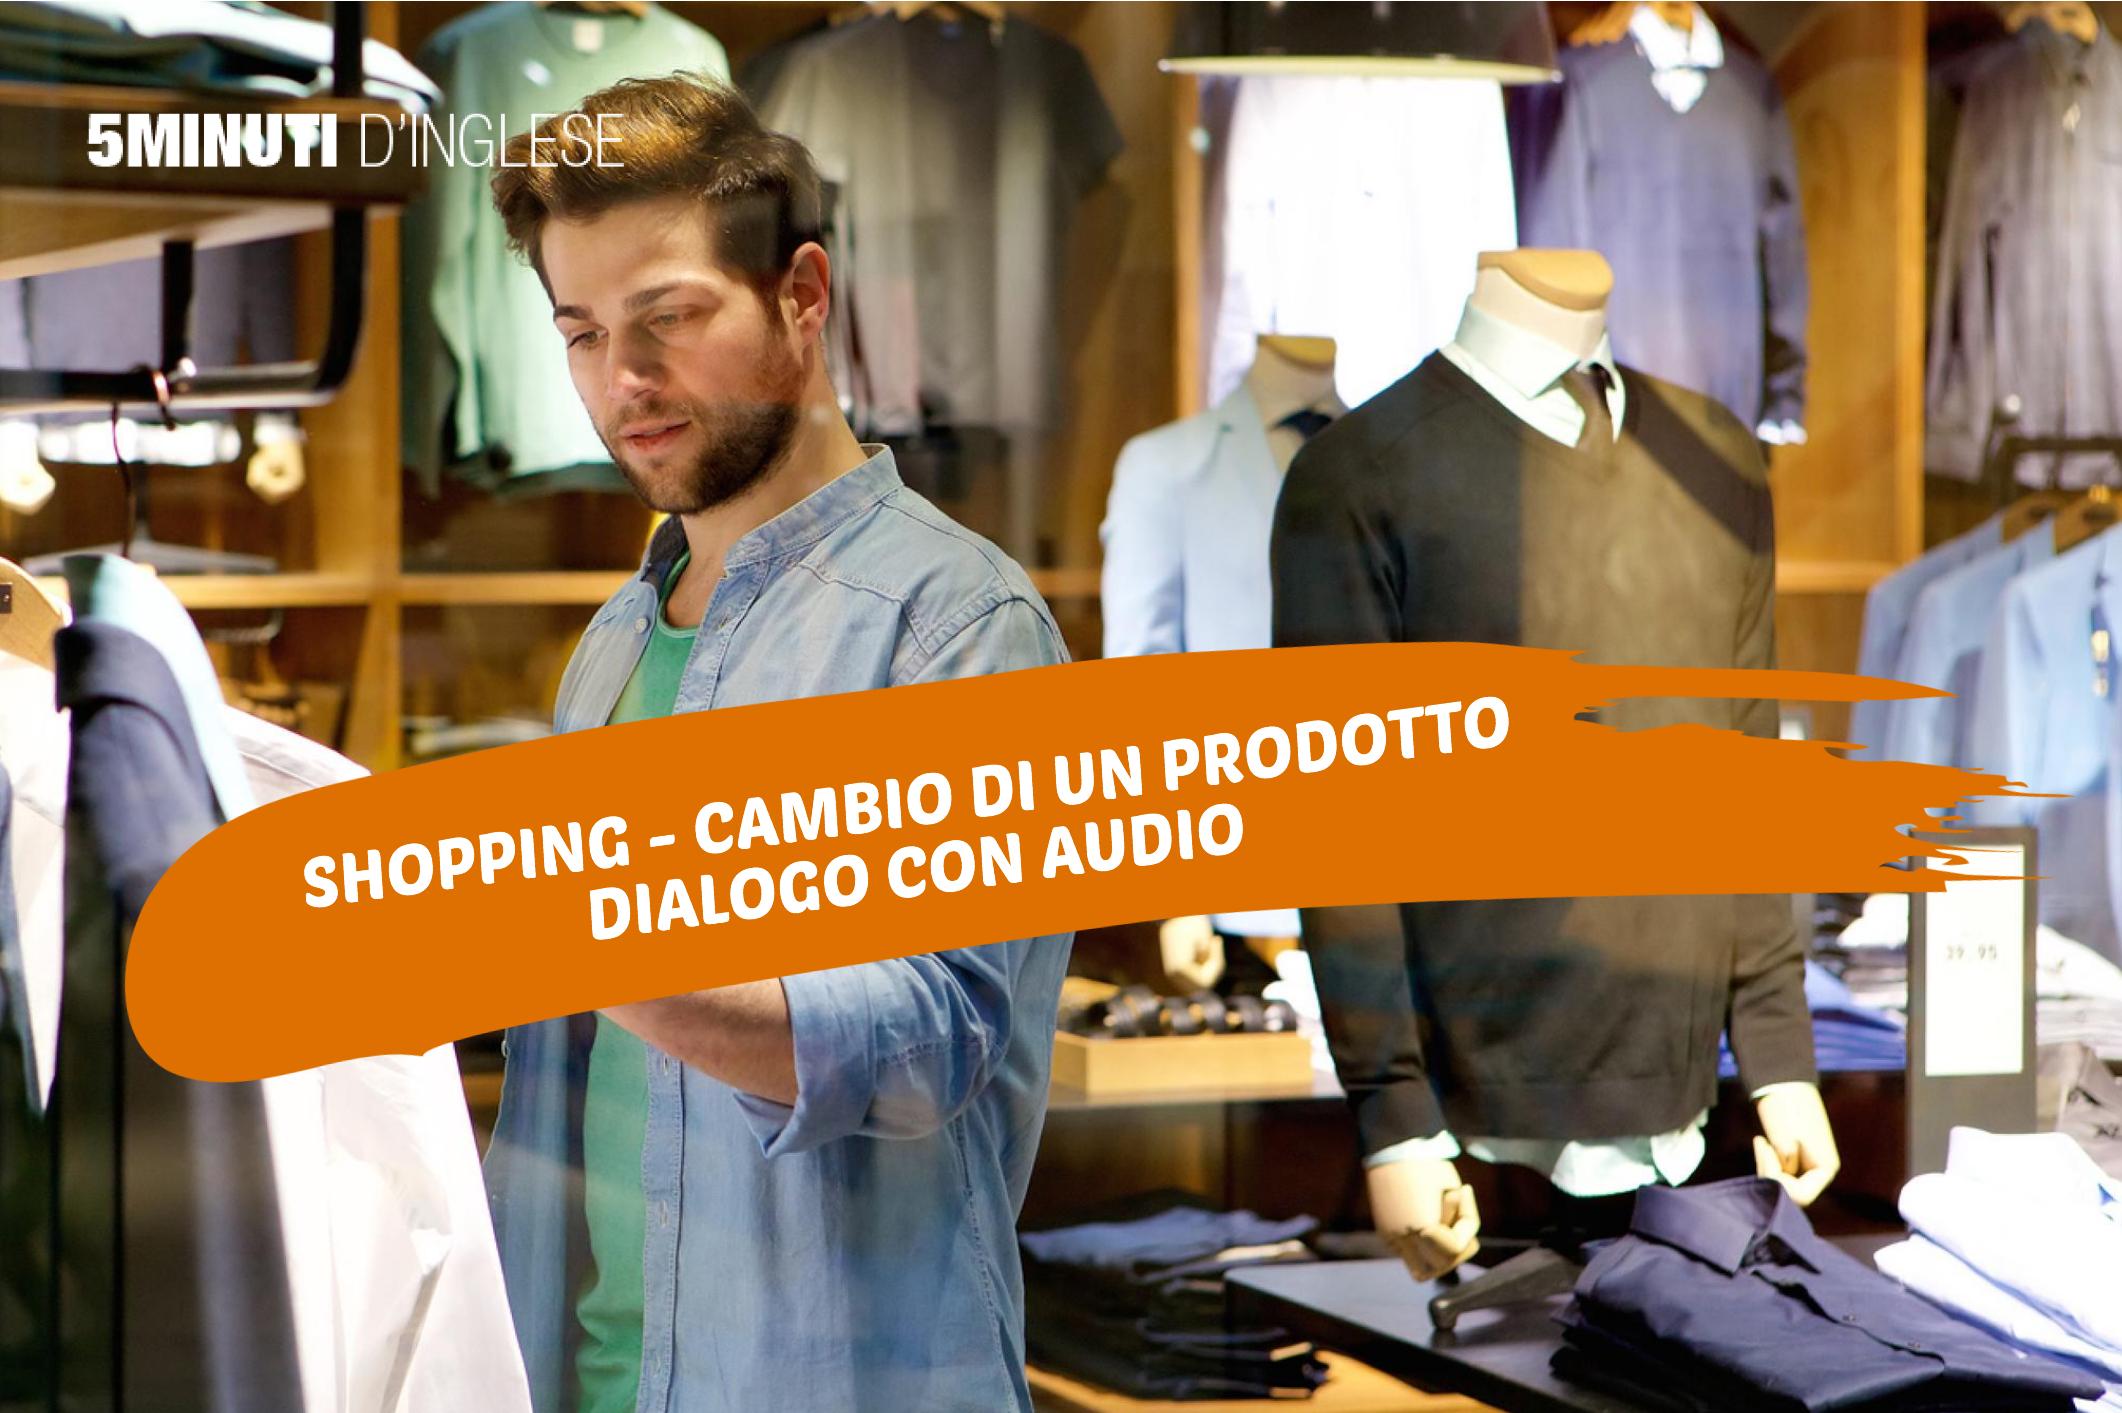 shoppingcambio